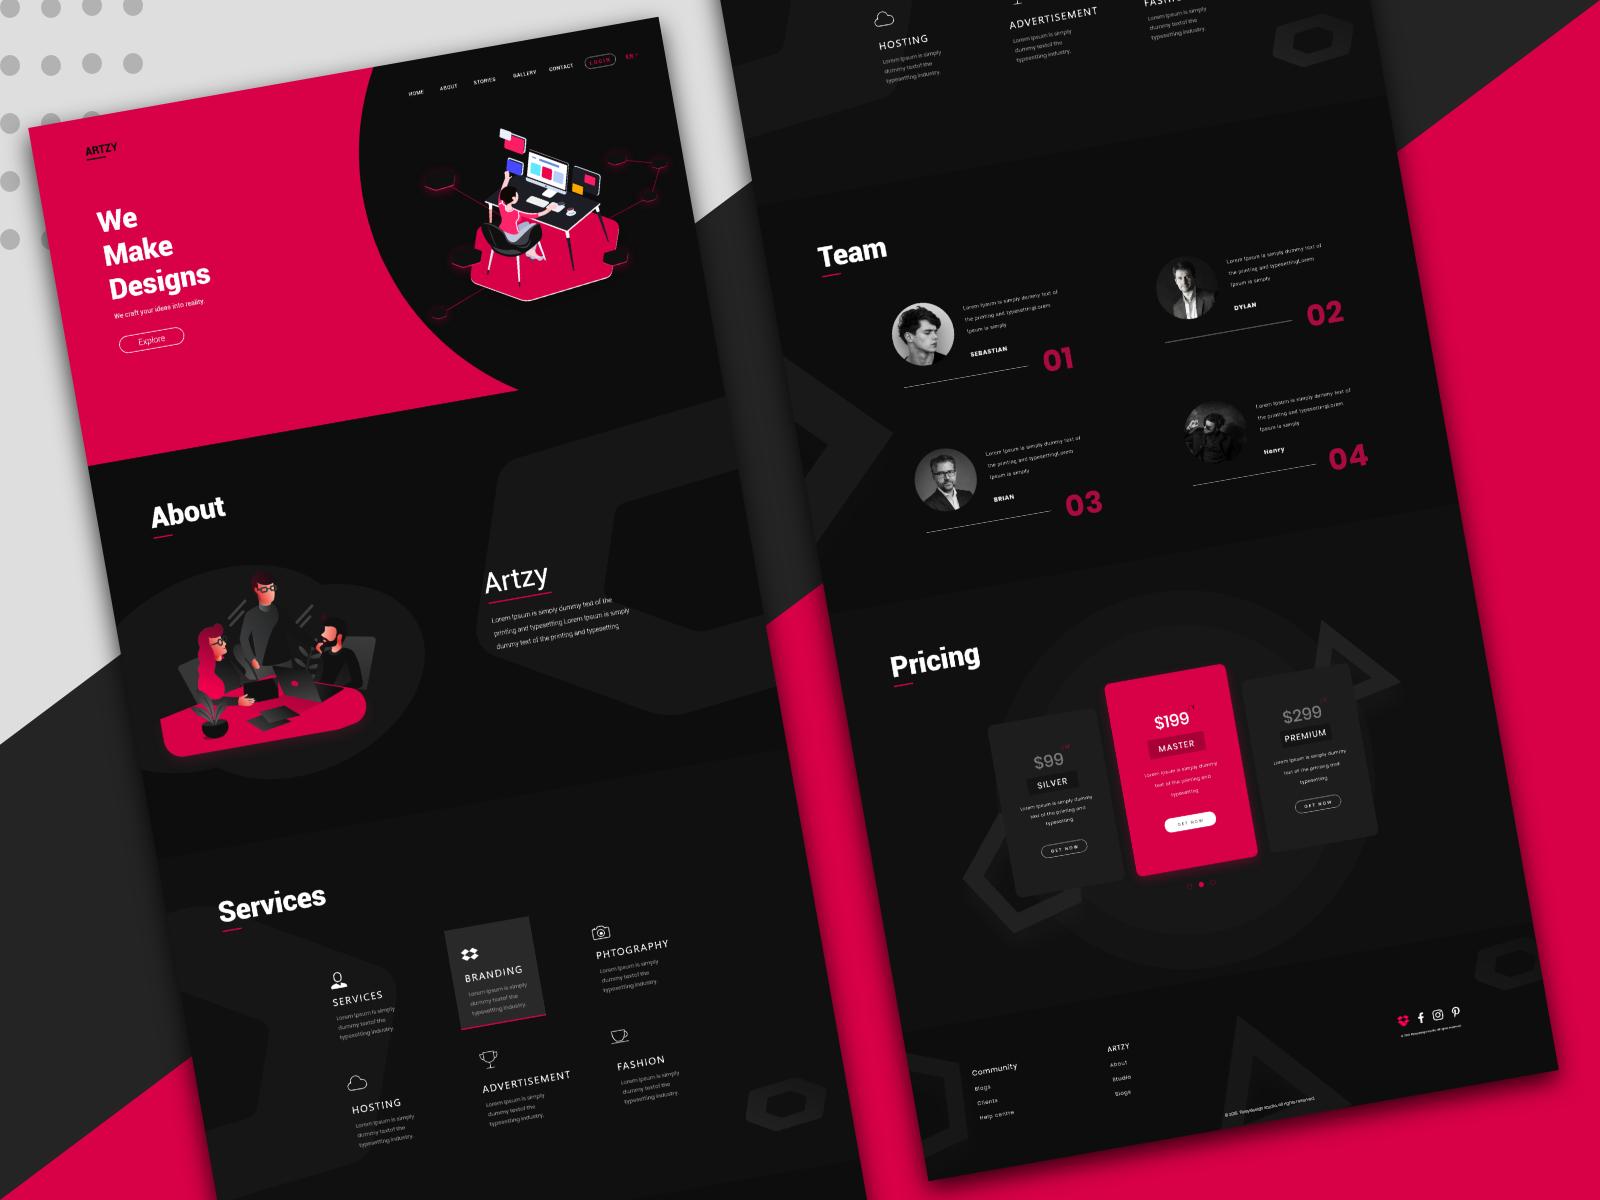 Artzy Digital Agency Landing Page Page Design Landing Page Design Digital Agencies